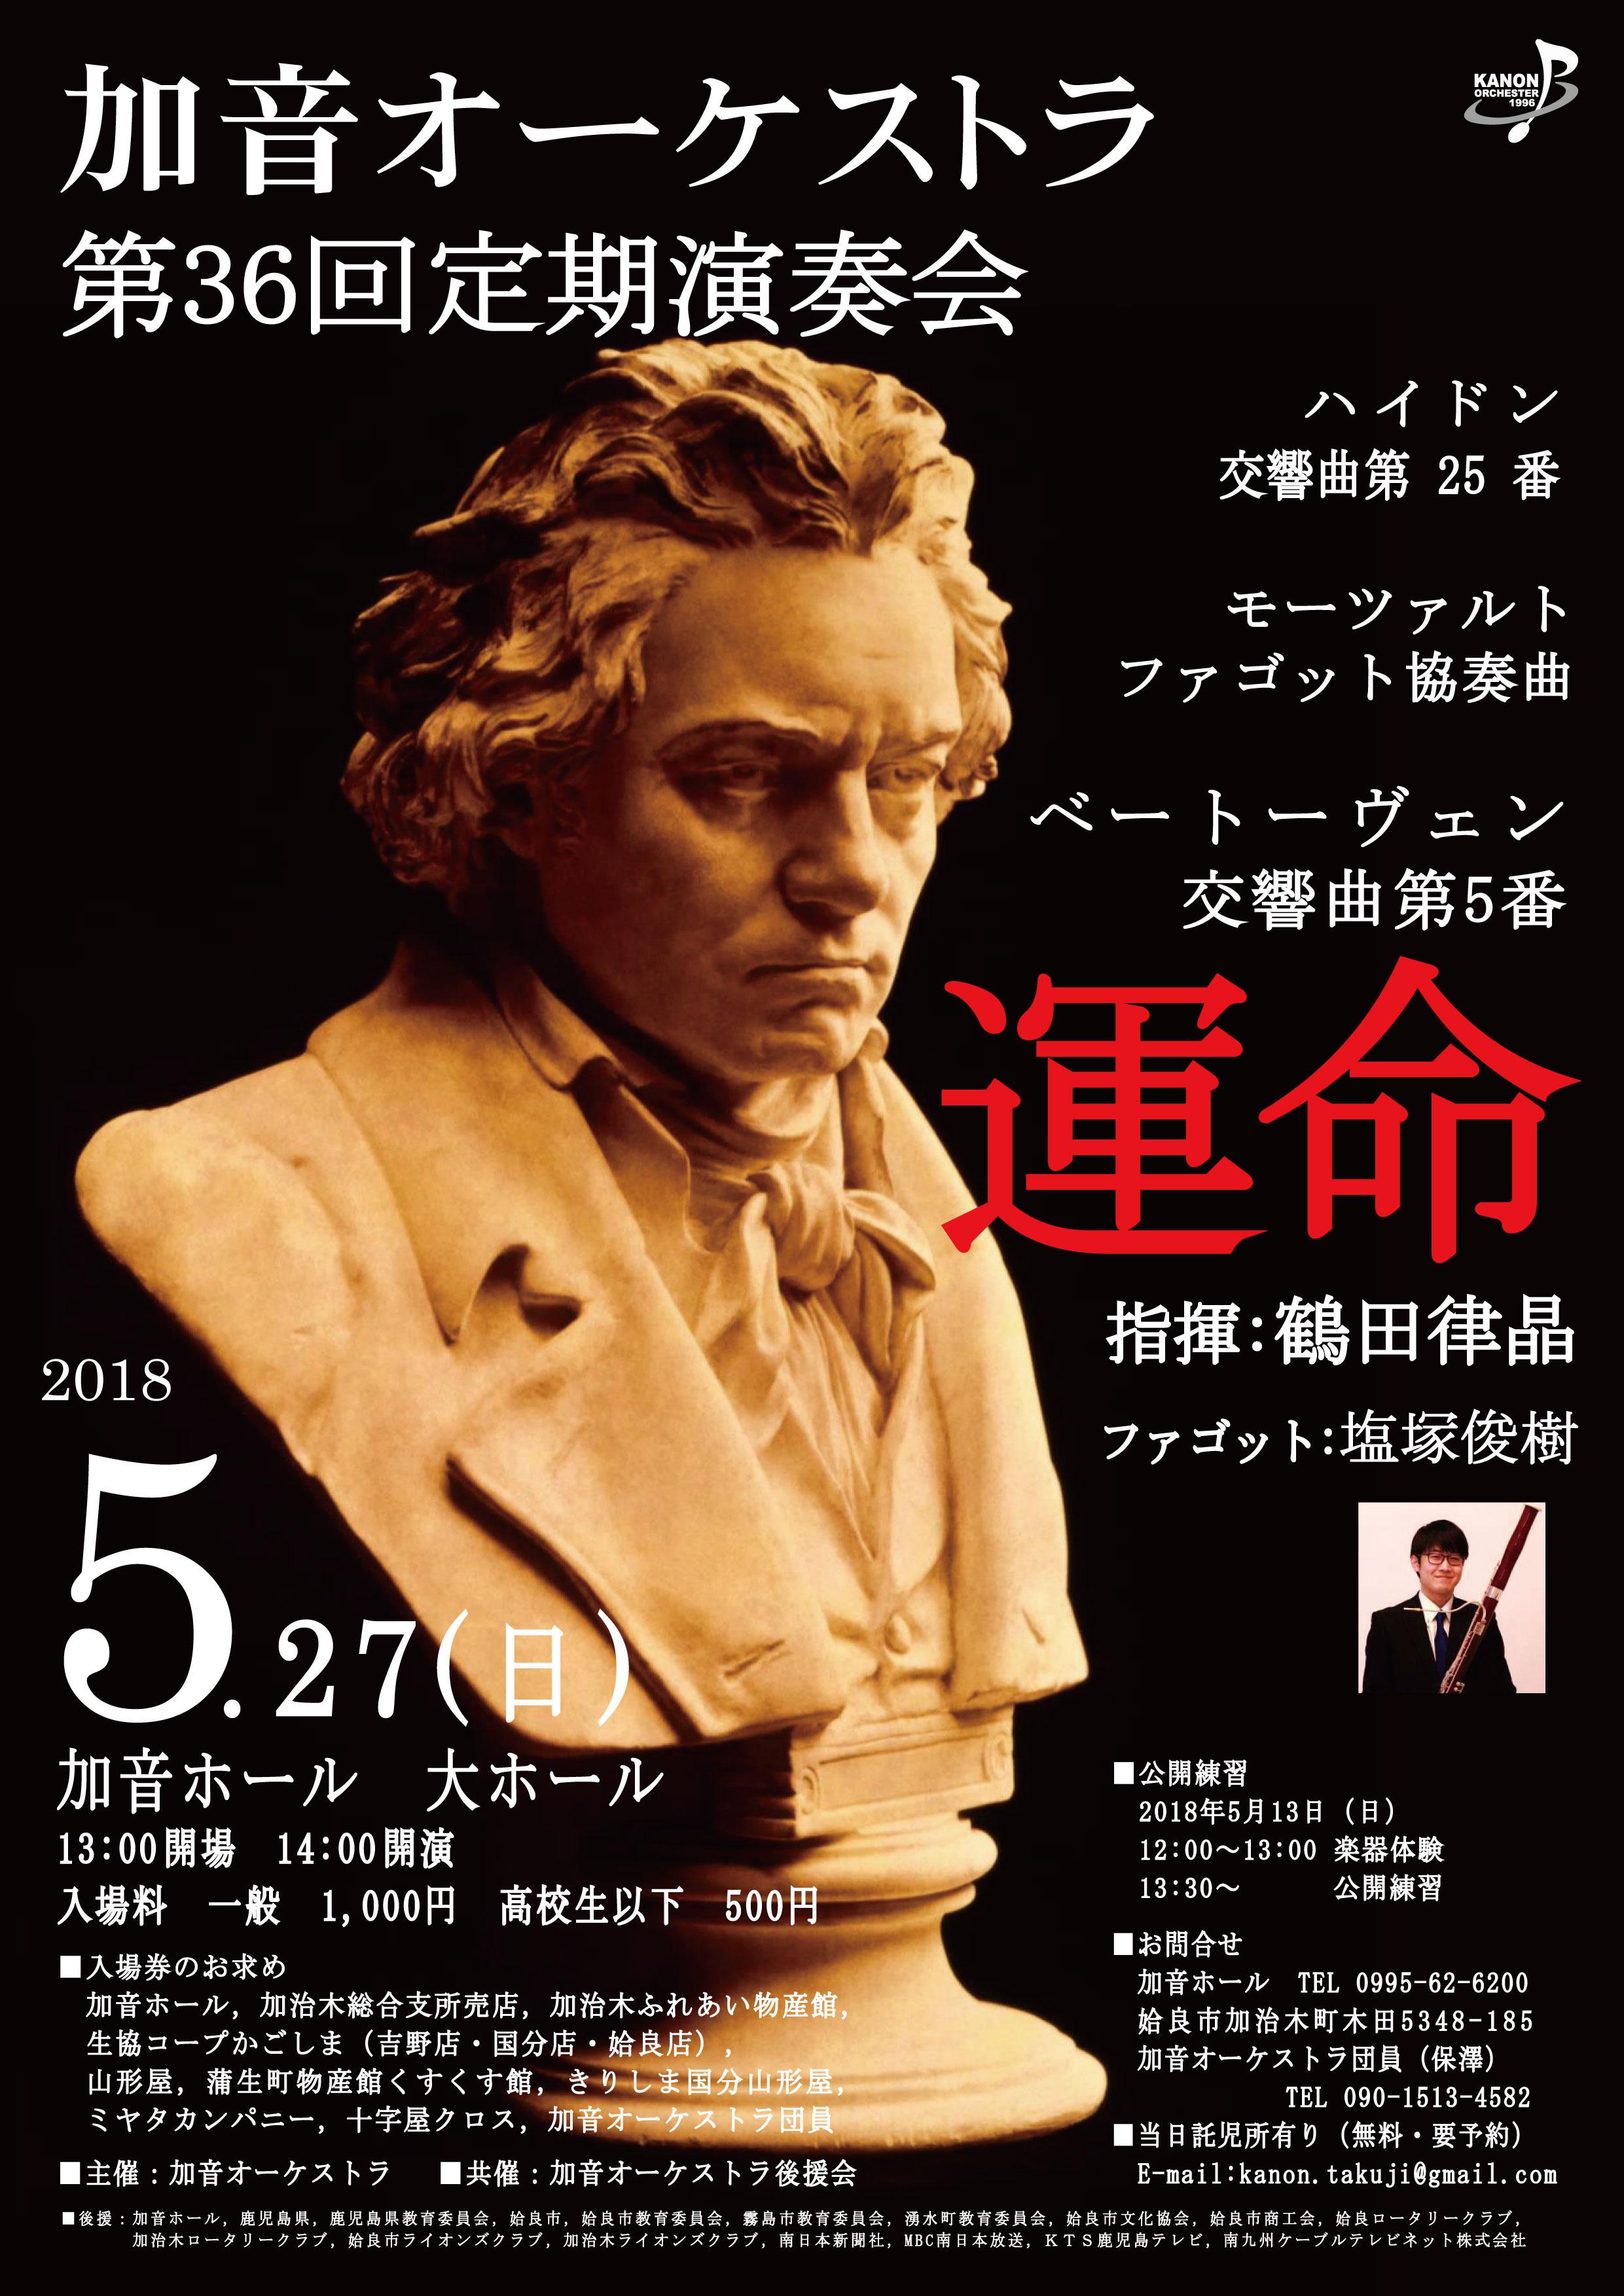 加音オーケストラ 第36回定期演奏会 2018.05.27